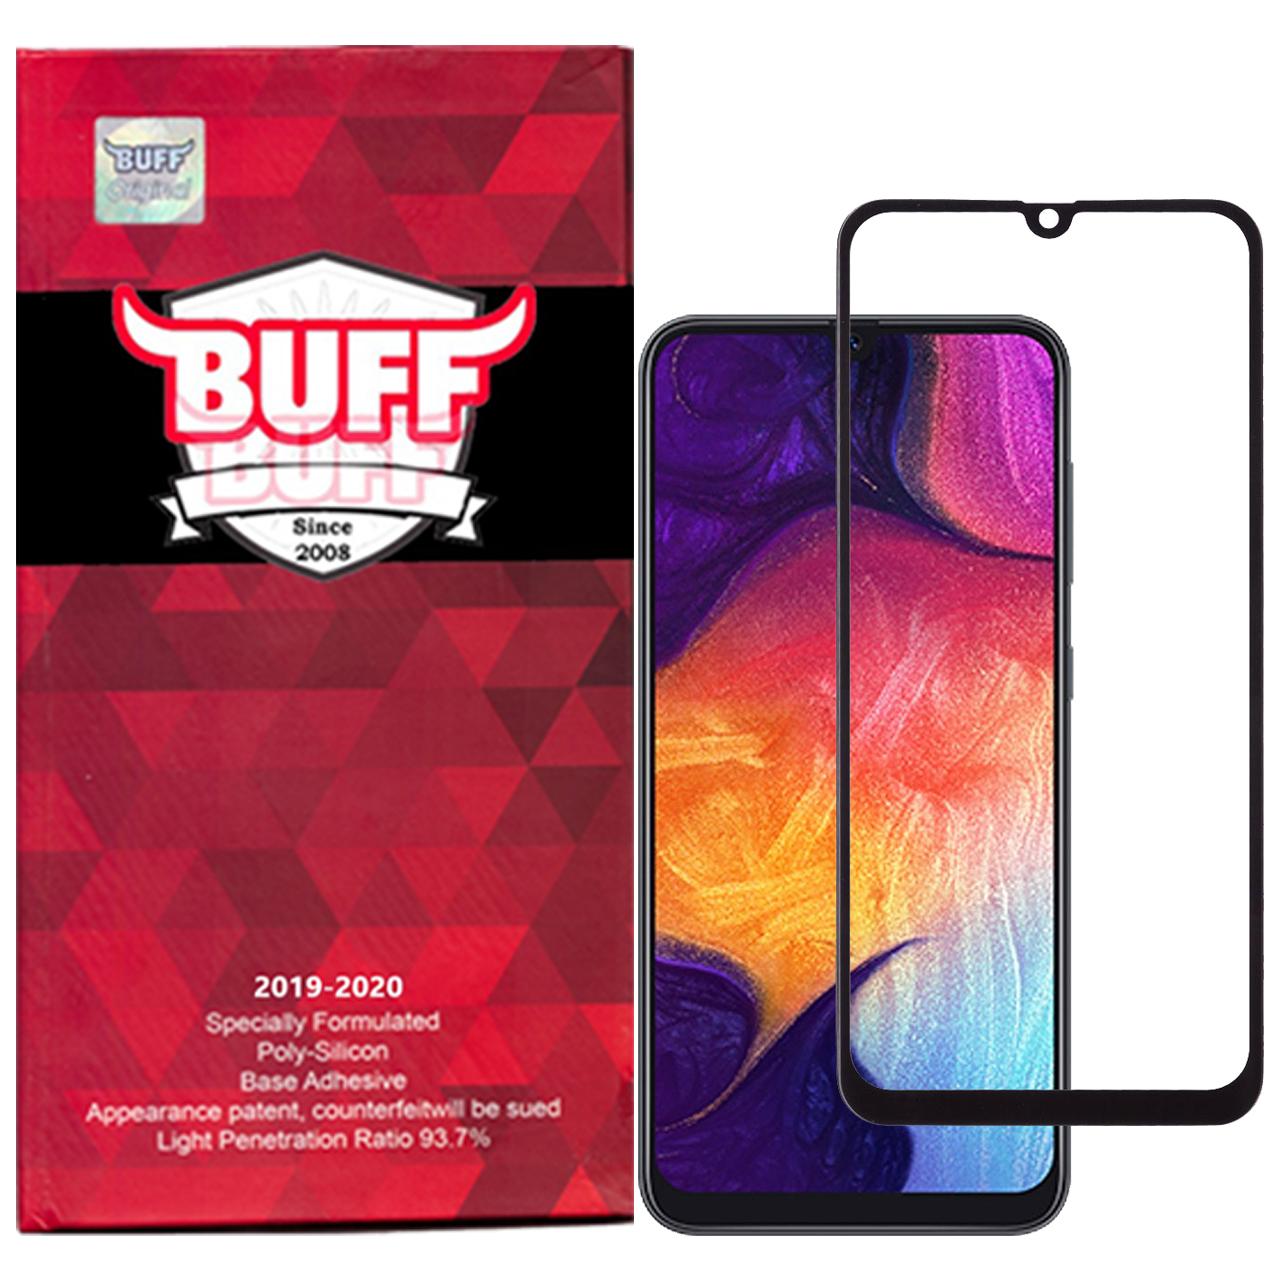 محافظ صفحه نمایش 5D بوف مدل F33 مناسب برای گوشی موبایل سامسونگ Galaxy A50